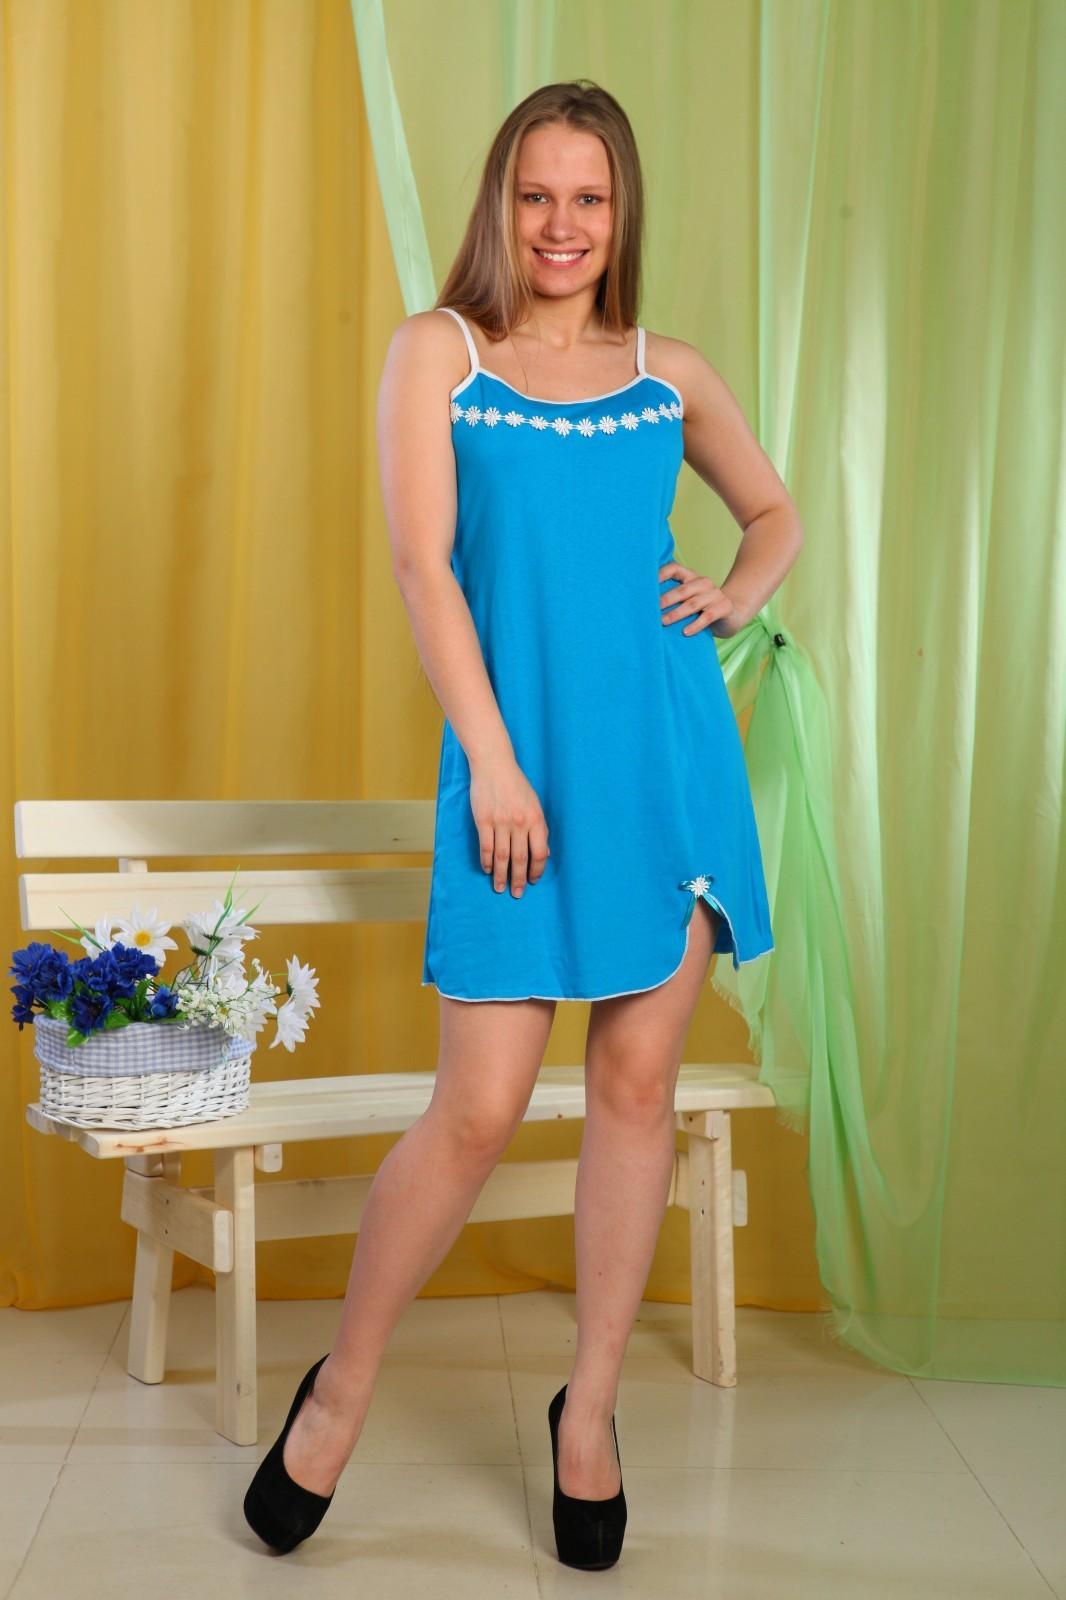 СорочкаНочные сорочки<br>Ночная сорочка на тонких бретелях. Домашняя одежда, прежде всего, должна быть удобной, практичной и красивой. В наших изделиях Вы будете чувствовать себя комфортно, особенно, по вечерам после трудового дня.  В изделии использованы цвета: голубой, белый  Ростовка изделия 170 см.<br><br>По длине: До колена<br>По материалу: Трикотаж,Хлопок<br>По рисунку: Однотонные<br>По силуэту: Свободные<br>По стилю: Повседневный стиль<br>По форме: Сорочки<br>По элементам: С декором<br>По сезону: Всесезон<br>Размер : 48,56<br>Материал: Трикотаж<br>Количество в наличии: 2